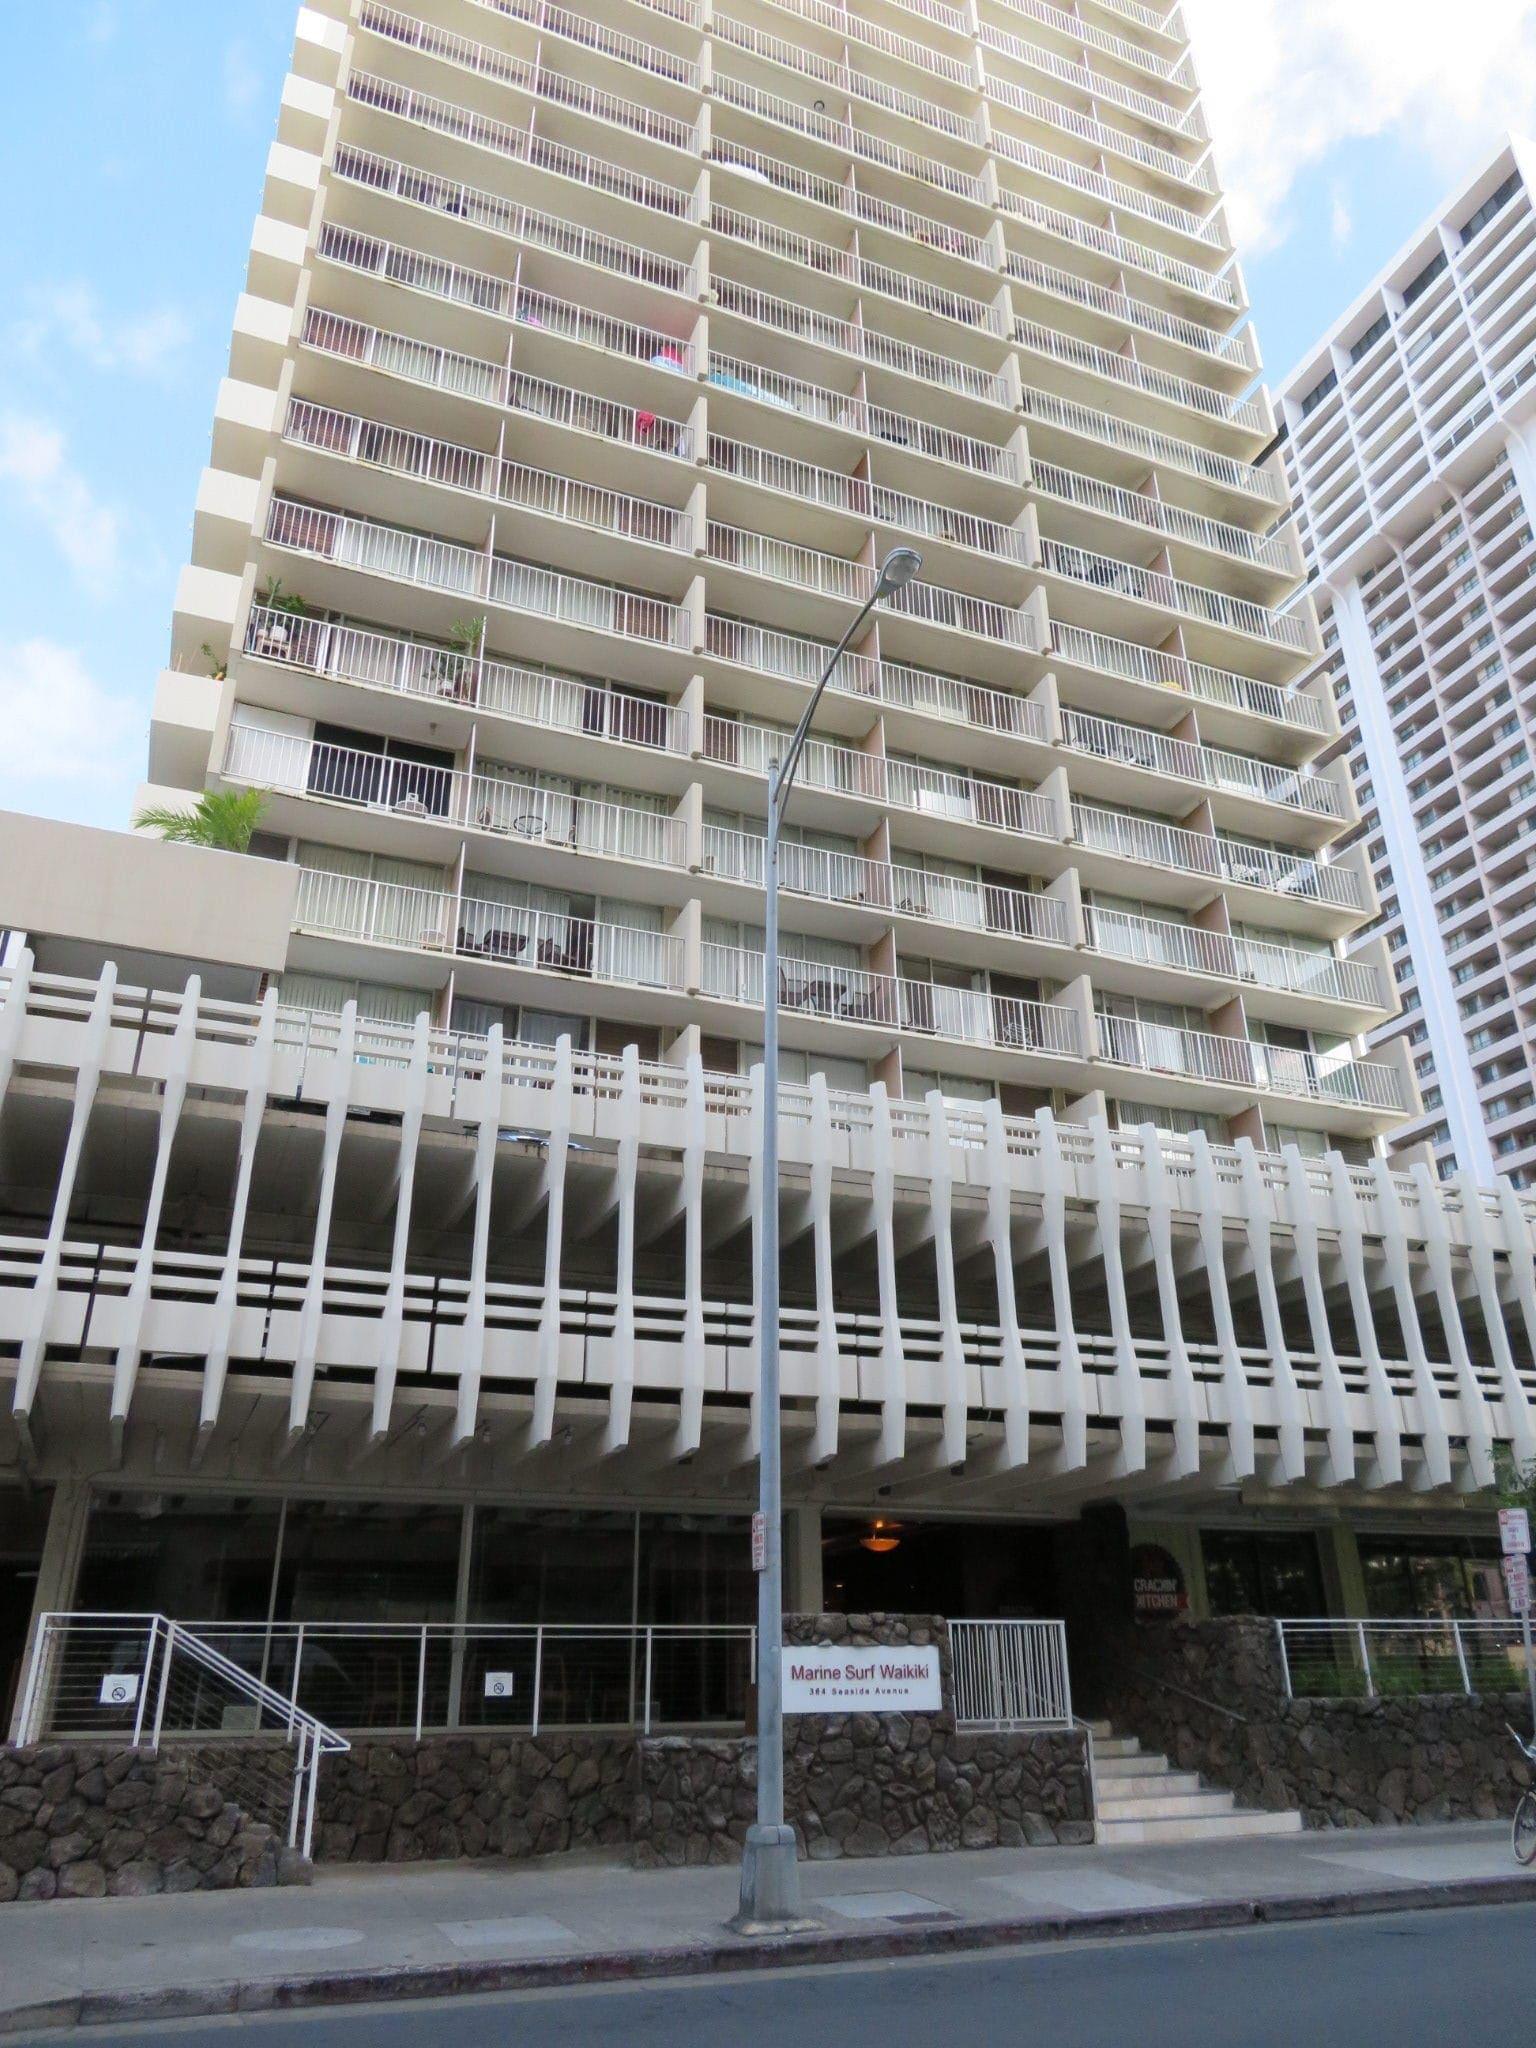 マリンサーフ・ワイキキ / Marine Surf Waikiki